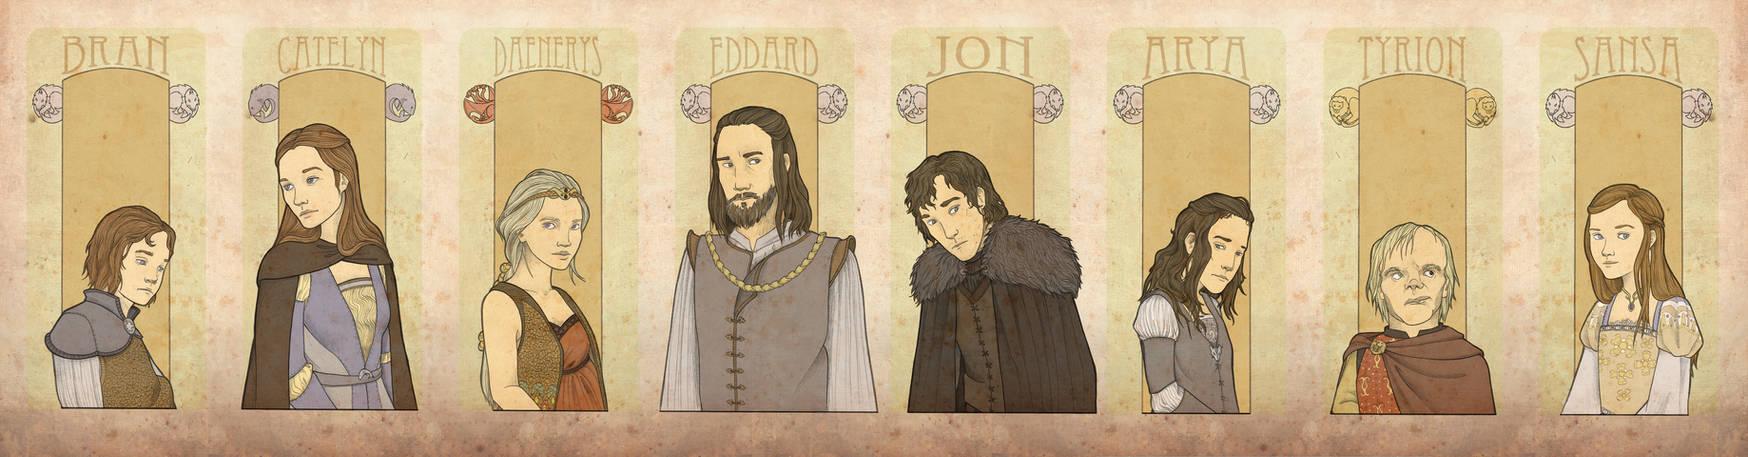 A Game of Thrones PoVs (v2)